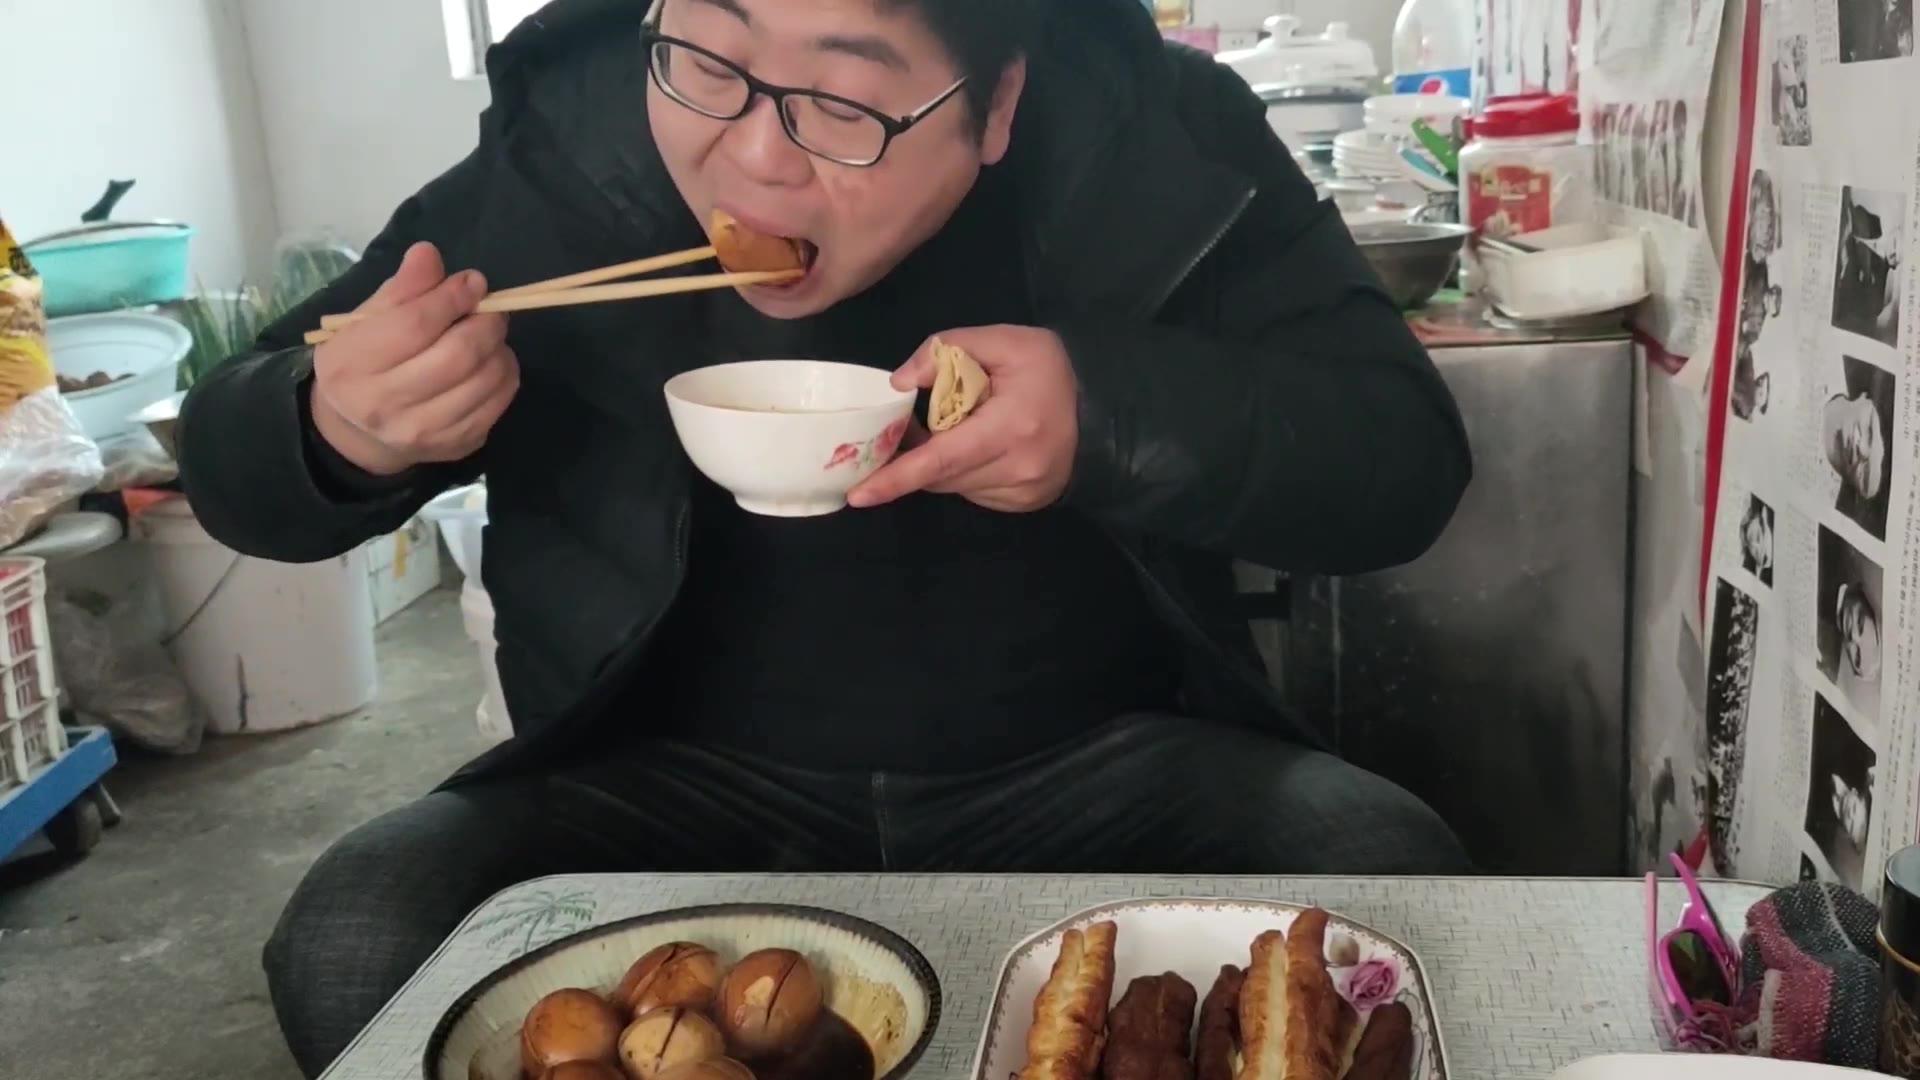 小伙卤八个鸡蛋不够吃,再做一斤油条吃三个煎饼,香甜咸,好过瘾